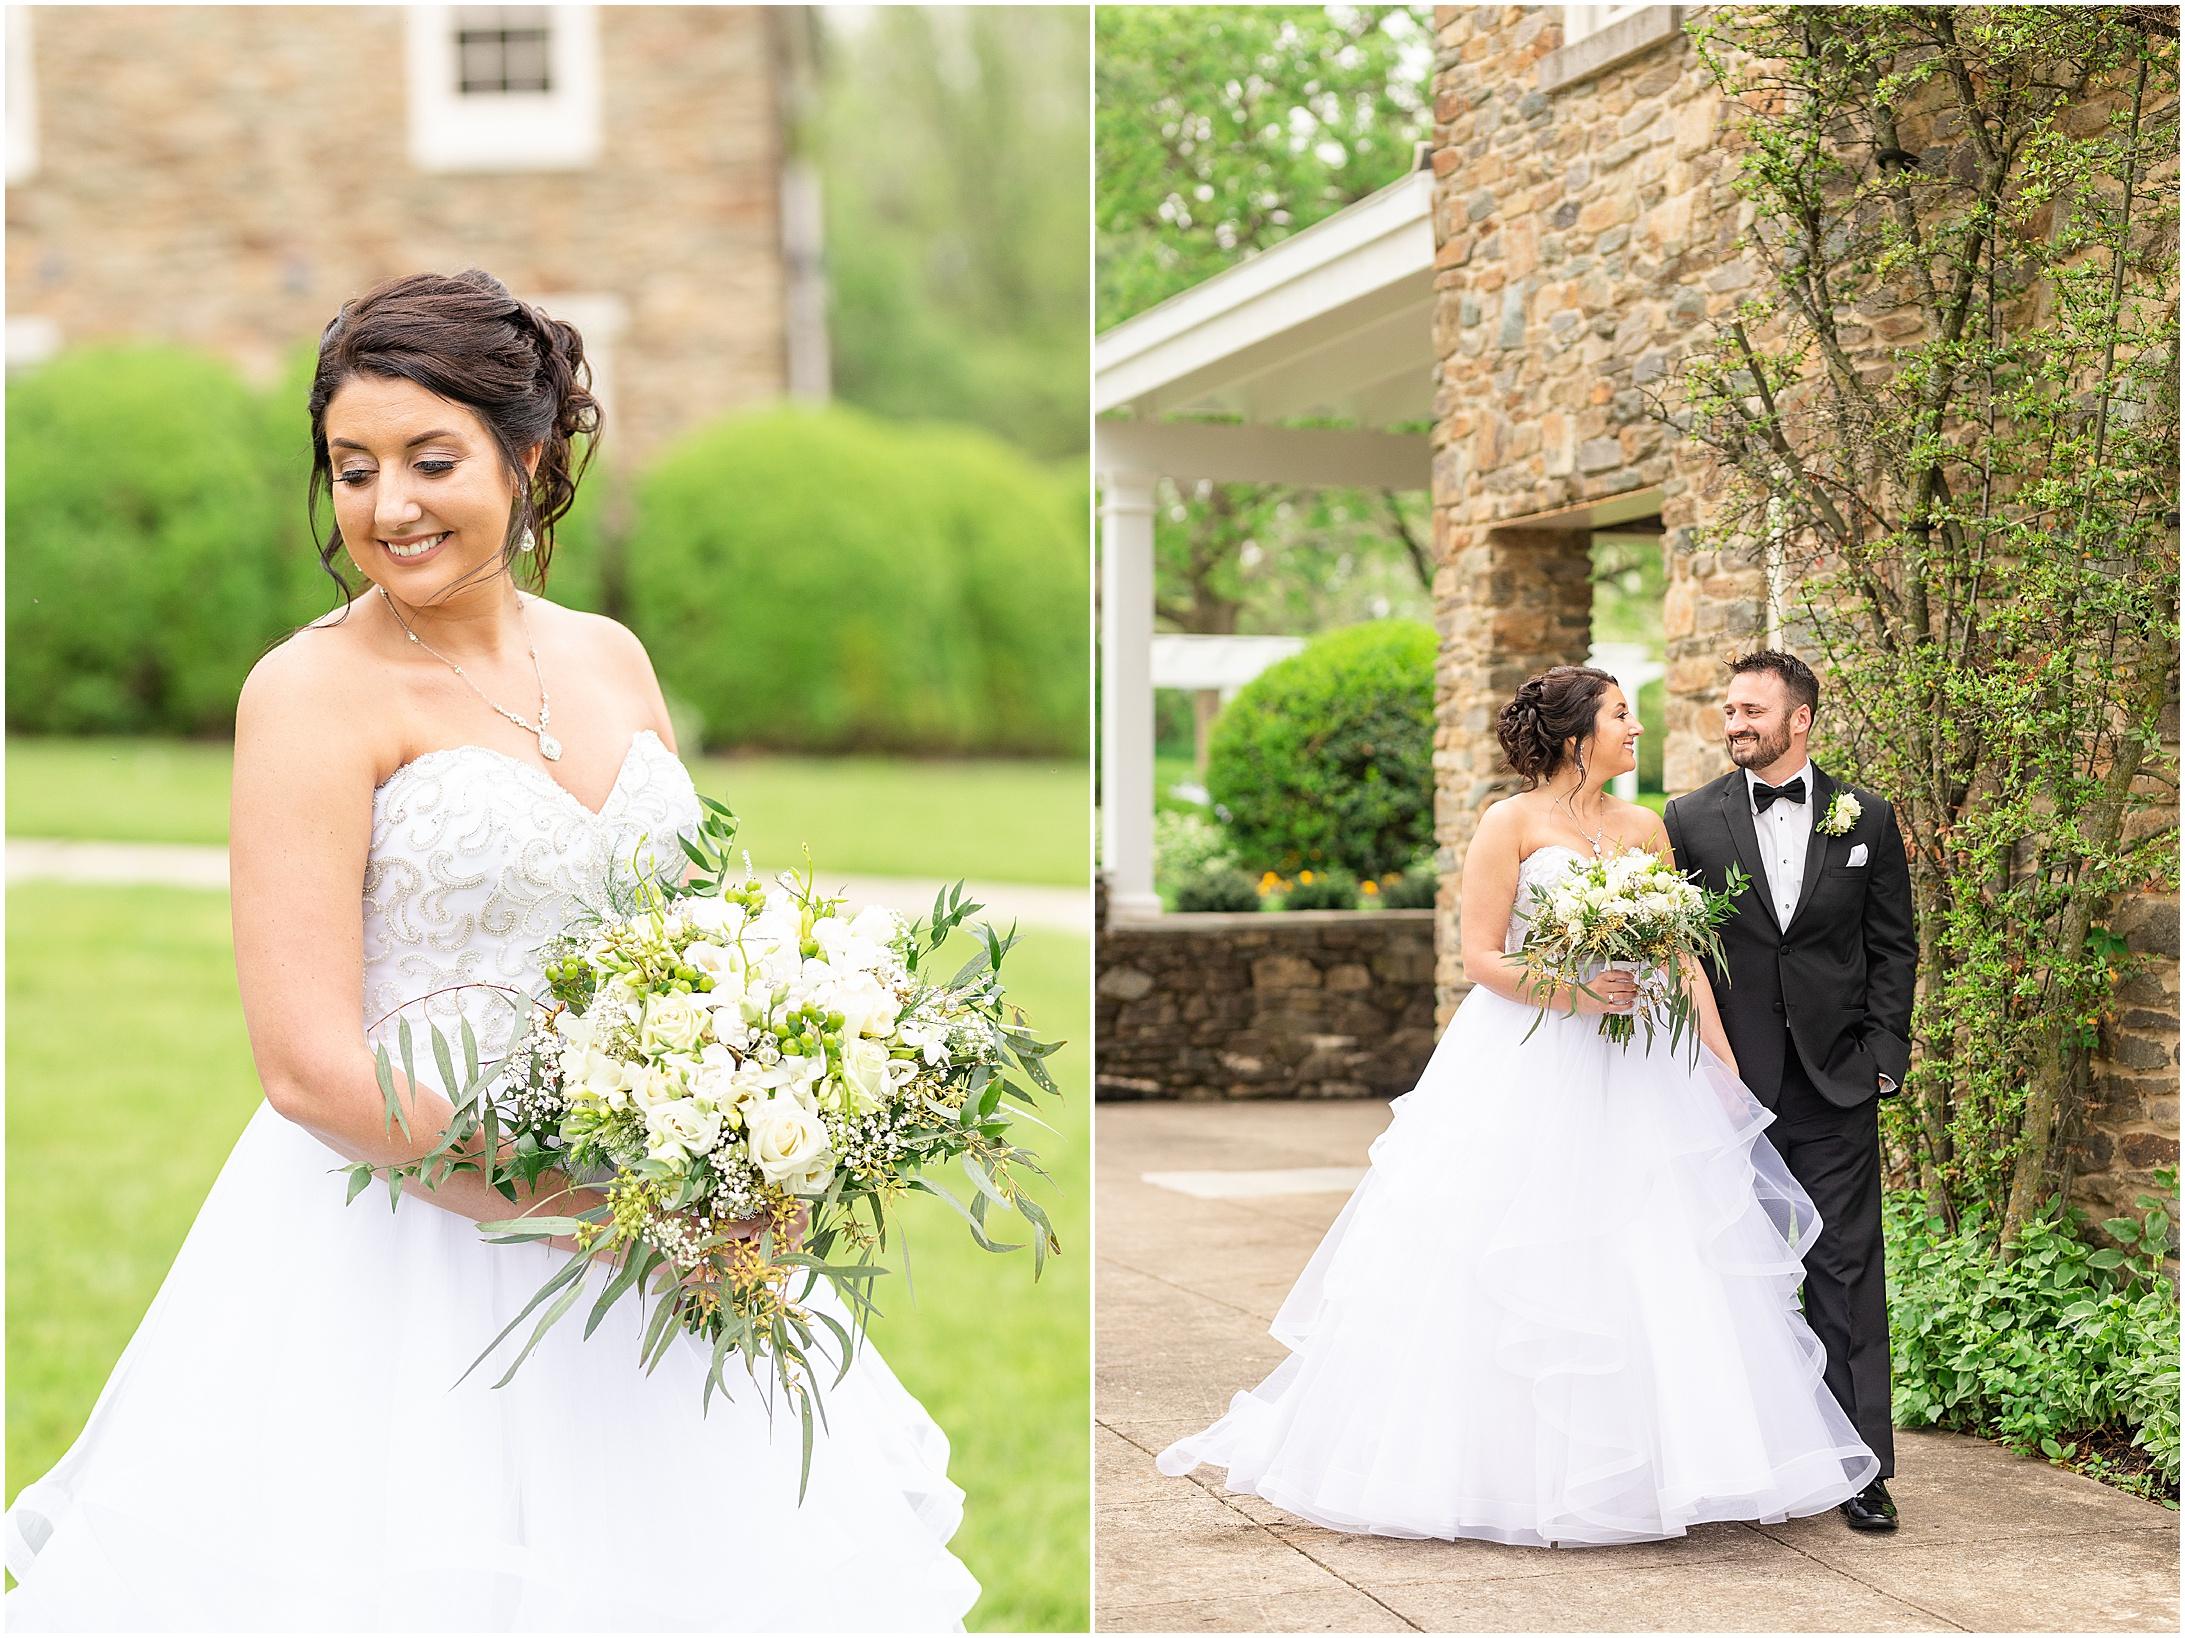 Stone-manor-country-club-wedding-photos-126.jpg